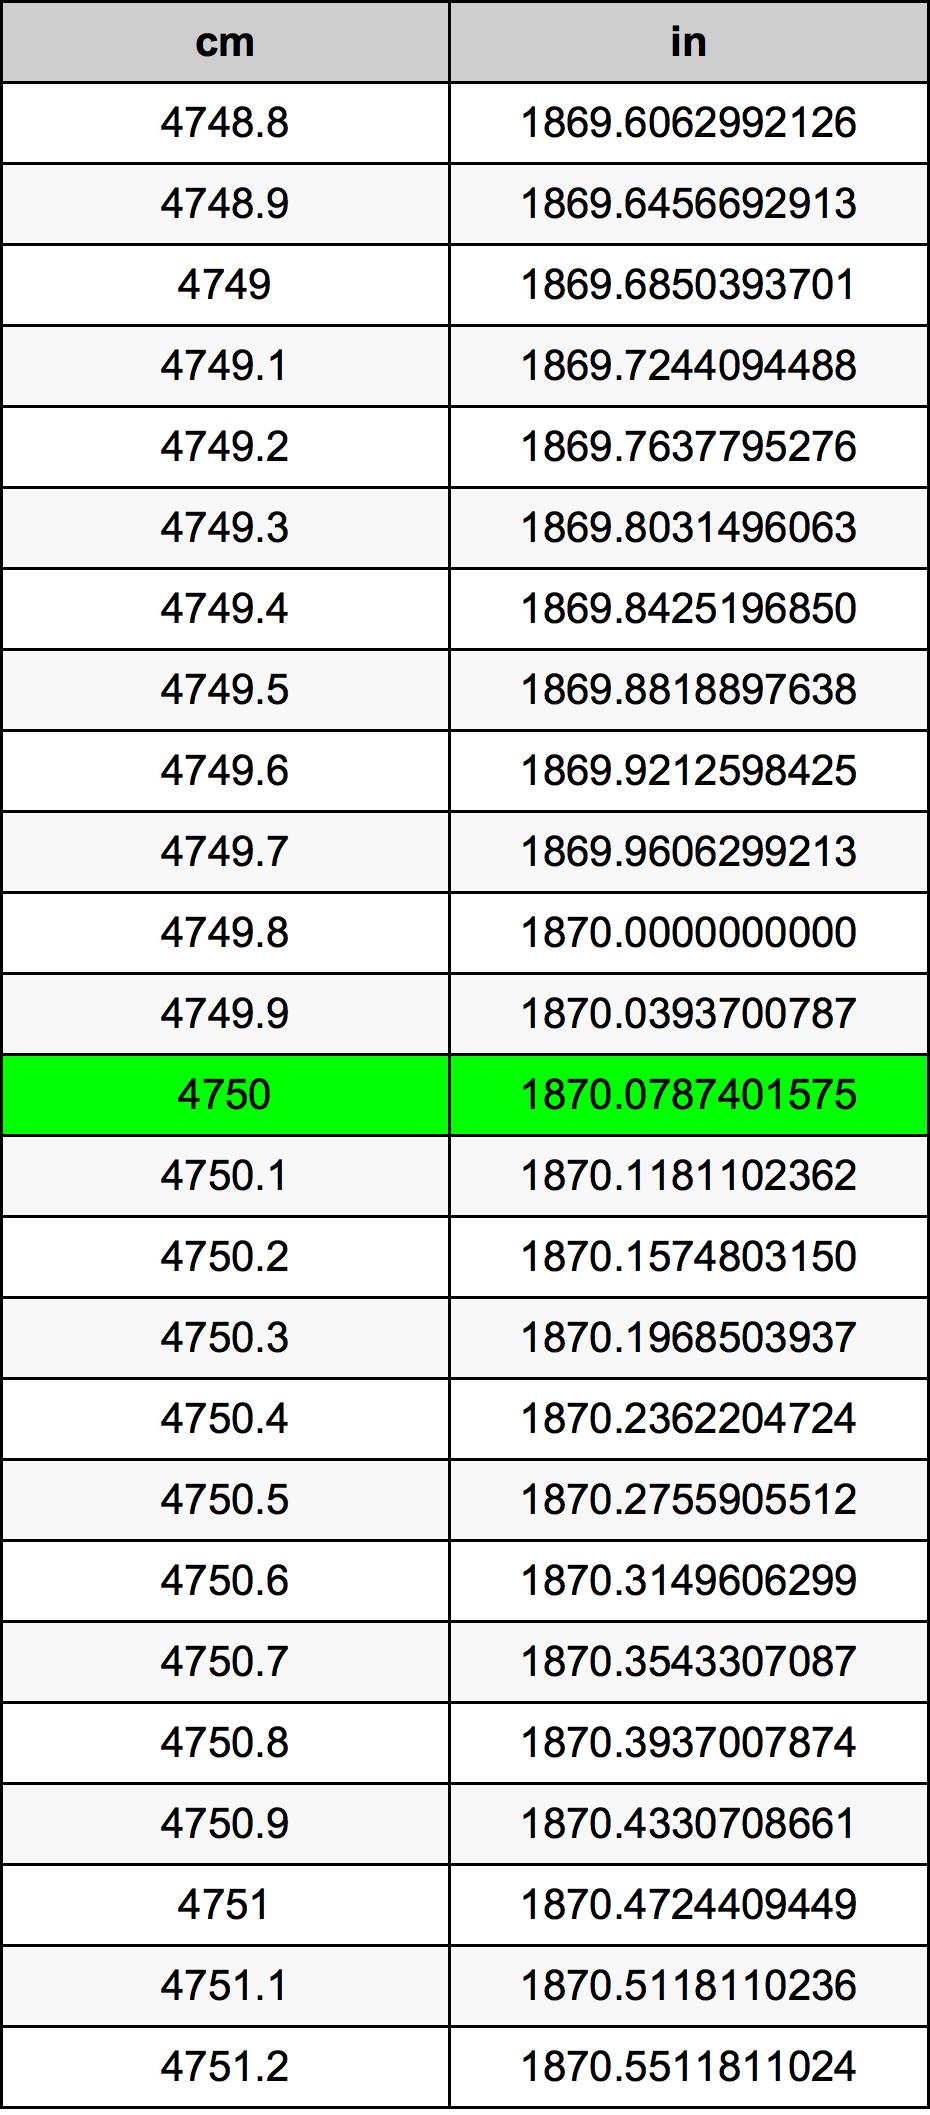 4750 Centimetru tabelul de conversie